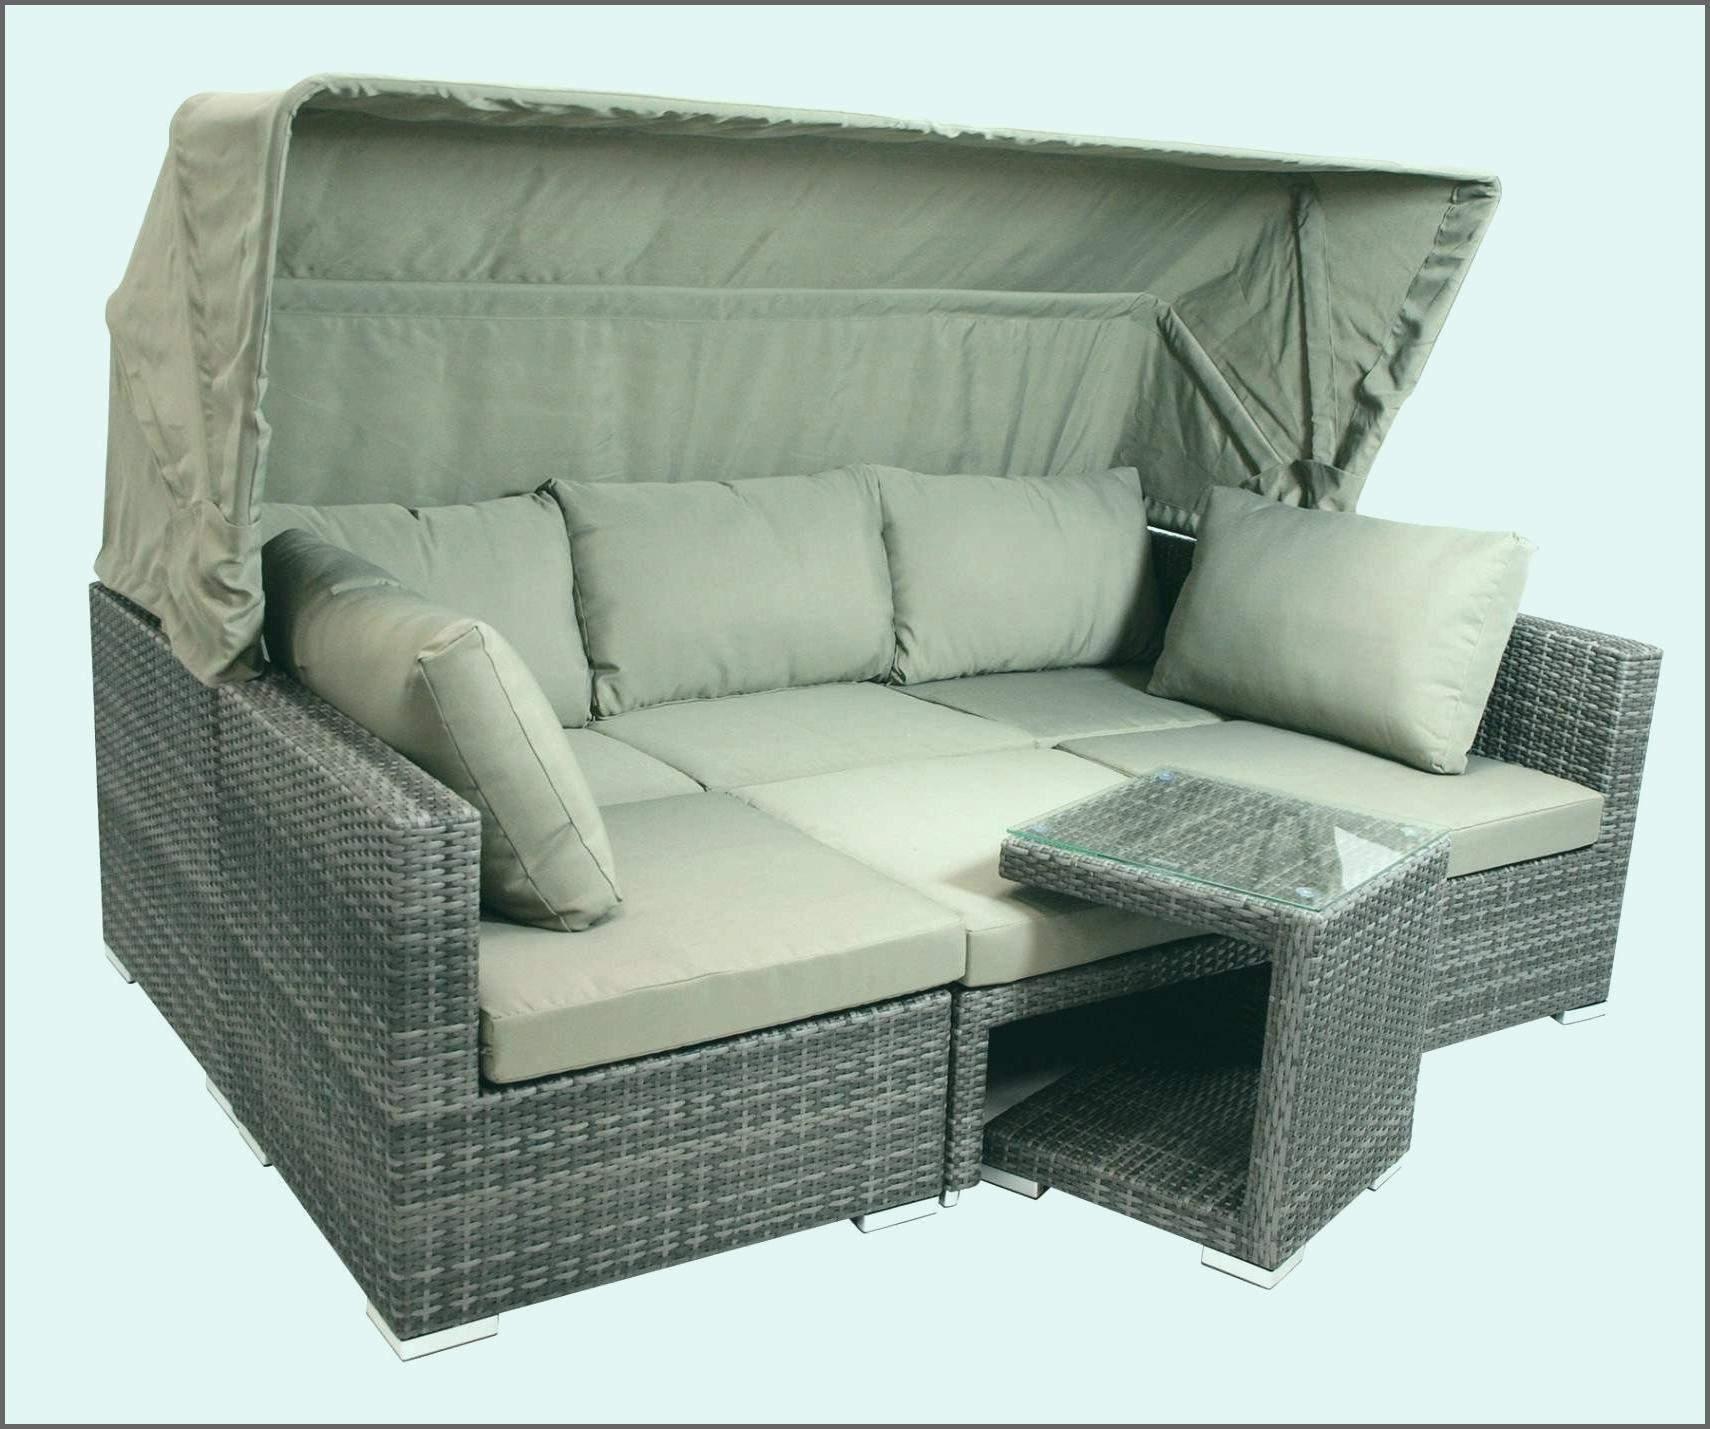 wohnzimmer sessel elegant 31 fantastisch und frisch lounge sessel wohnzimmer of wohnzimmer sessel